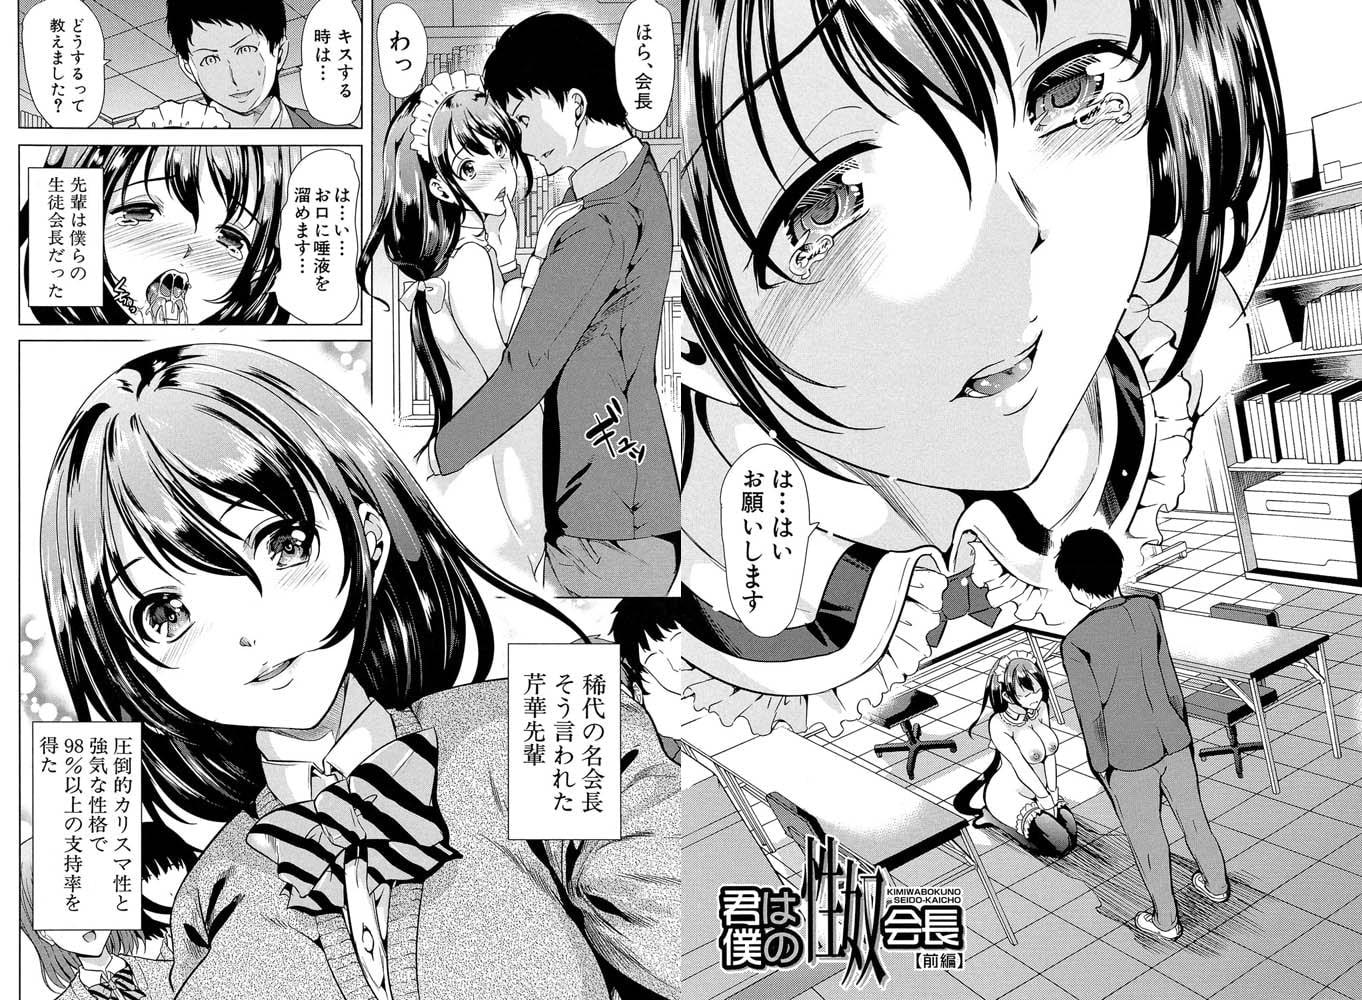 【ティーアイネット】弥美津ヒロ先生 2冊パック(202005)